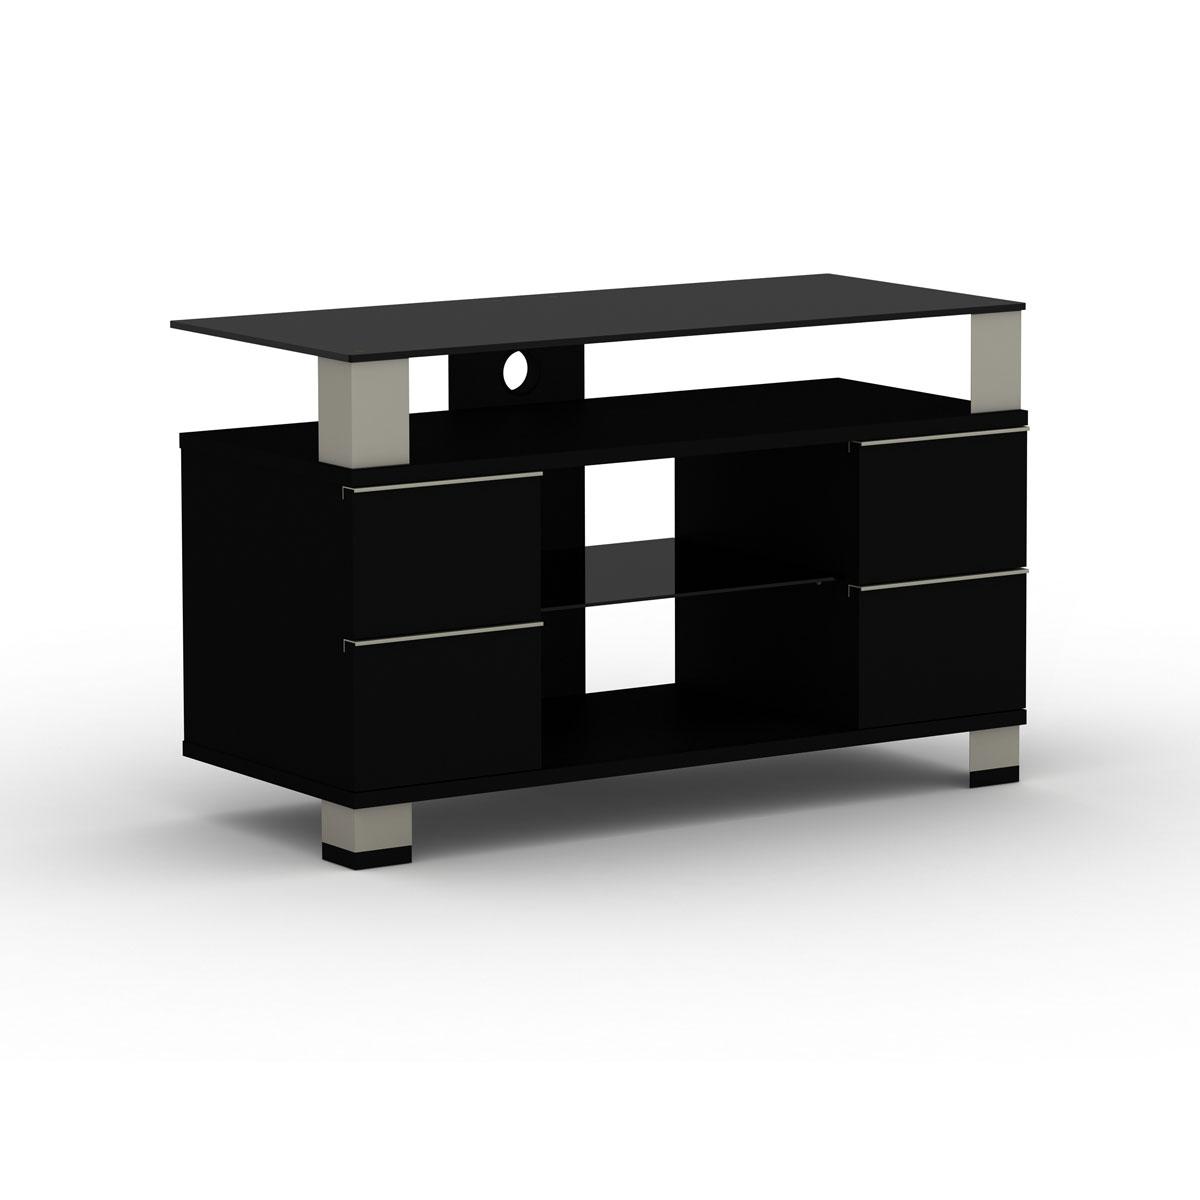 Elmob pone pn 095 01 noir meuble tv elmob sur for Meuble tv ecran plat suspendu